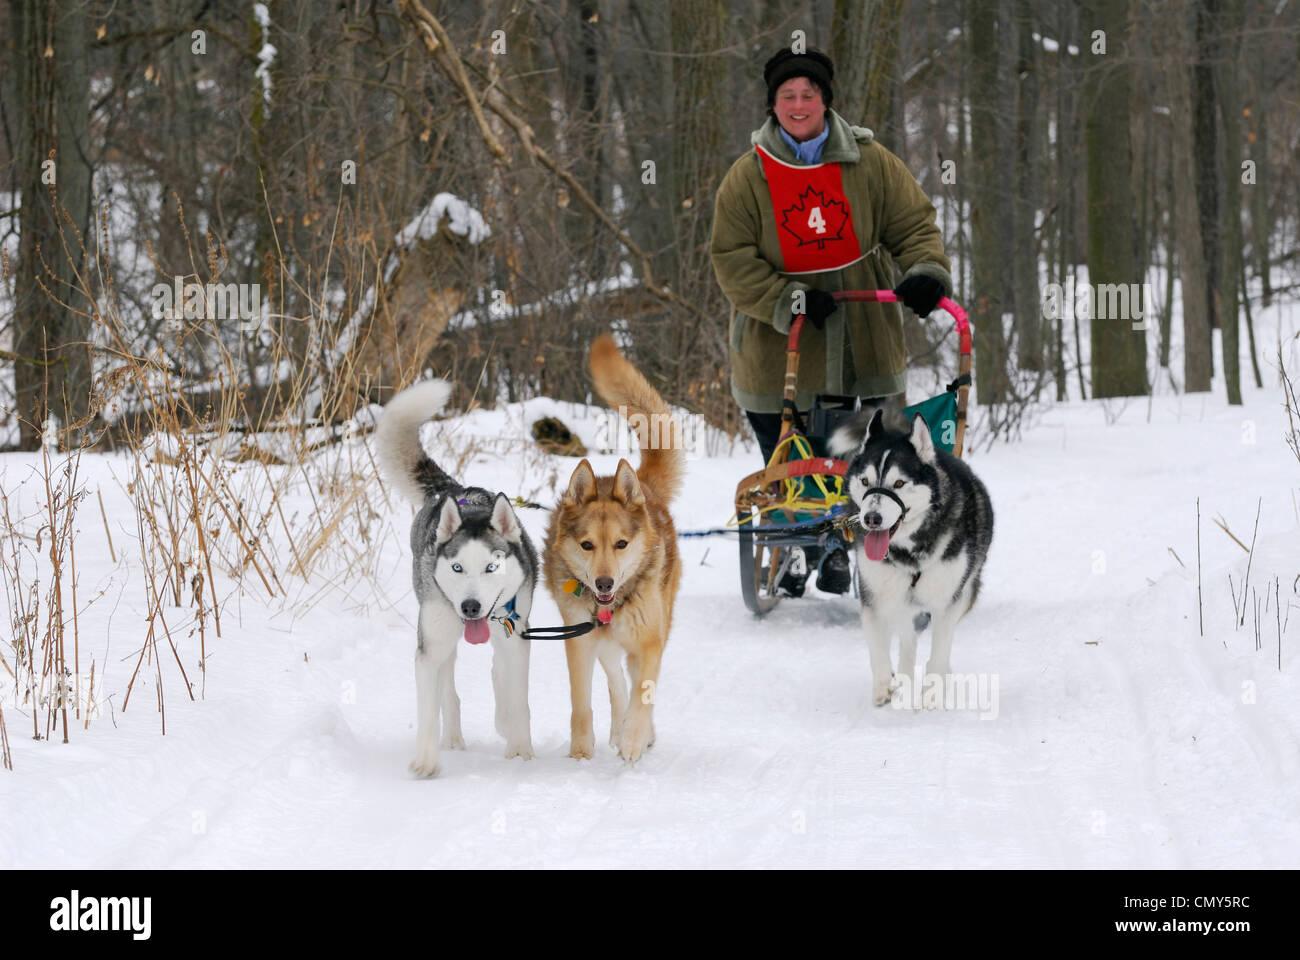 Femmina cane ricreative sleder pastosità su terreni innevati sentiero forestale in Canada Immagini Stock